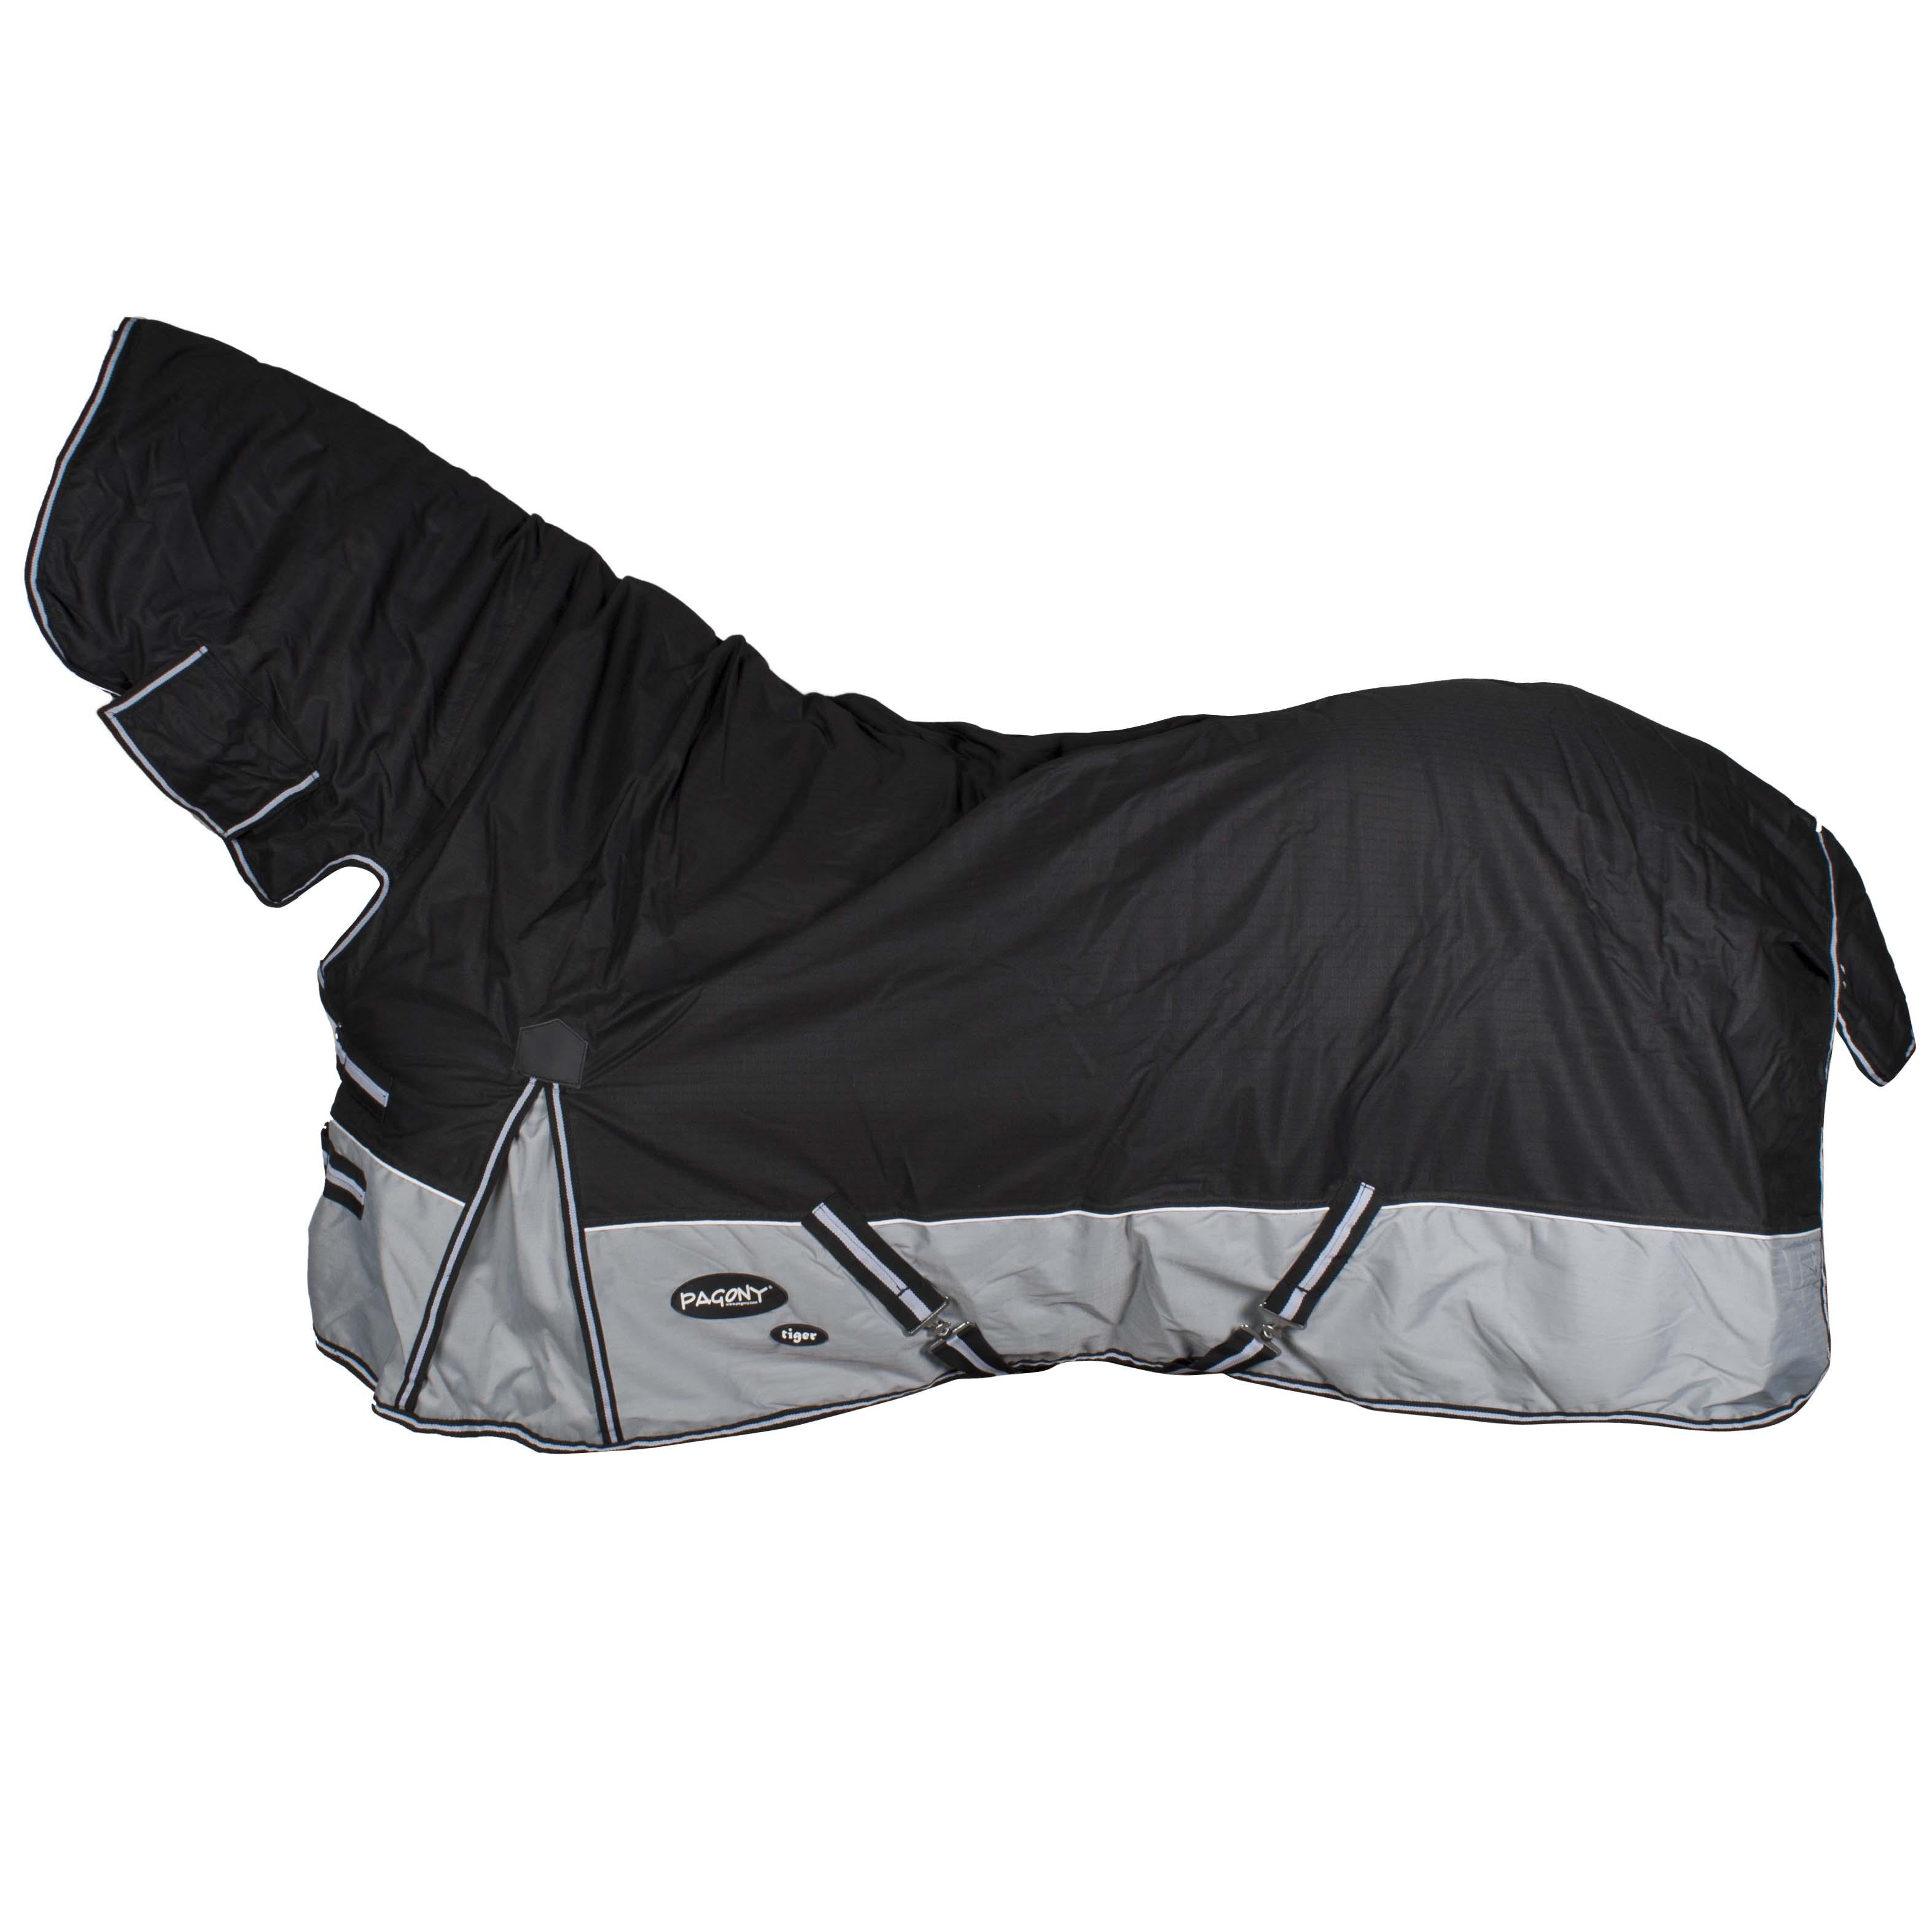 Pagony Tiger 0 Full Neck deken zwart maat:185